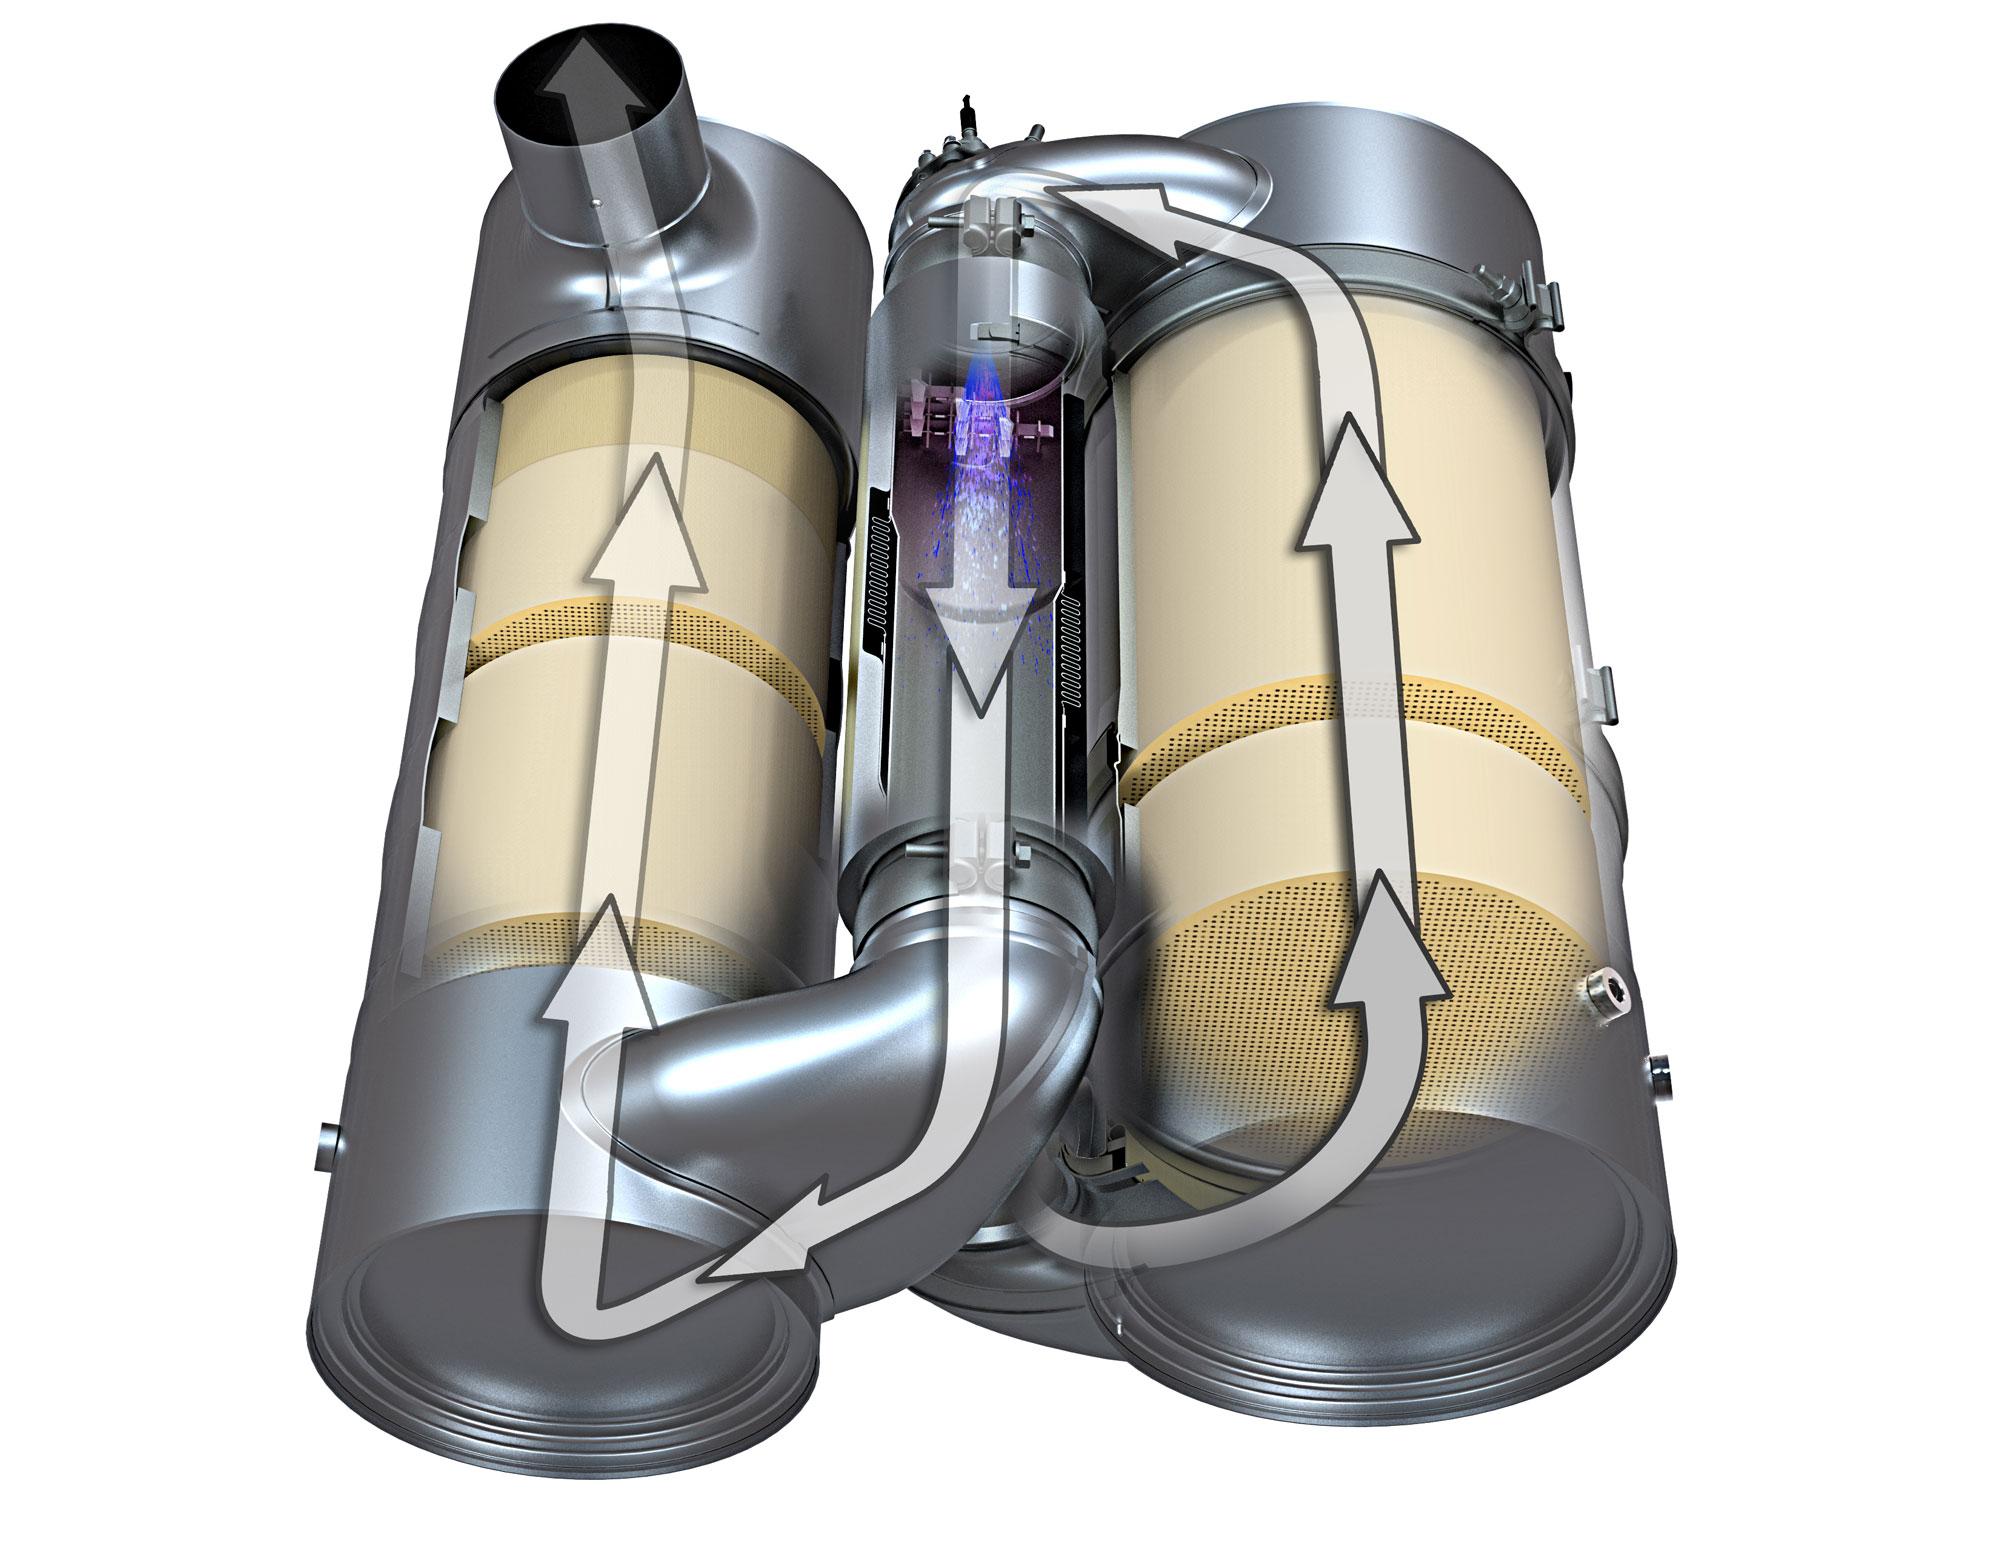 Abgasweg bei Cat Motoren der Stufe IV: Zunächst erfolgt im DOC die Reduzierung von Kohlenmonoxid und Wasserstoff, dann im DPF die Oxidation der Dieselpartikel (beide rechts). Im Mischrohr werden nun DEF eingespritzt und die Abgase vermischt (Mitte), gefolgt von SCR (links) zur chemischen Umwandlung der Stickoxide zu unschädlichem Stickstoff und Wasser. Nach AMOX zur Geruchsneutralisierung geht es ins Endrohr. Foto: Zeppelin